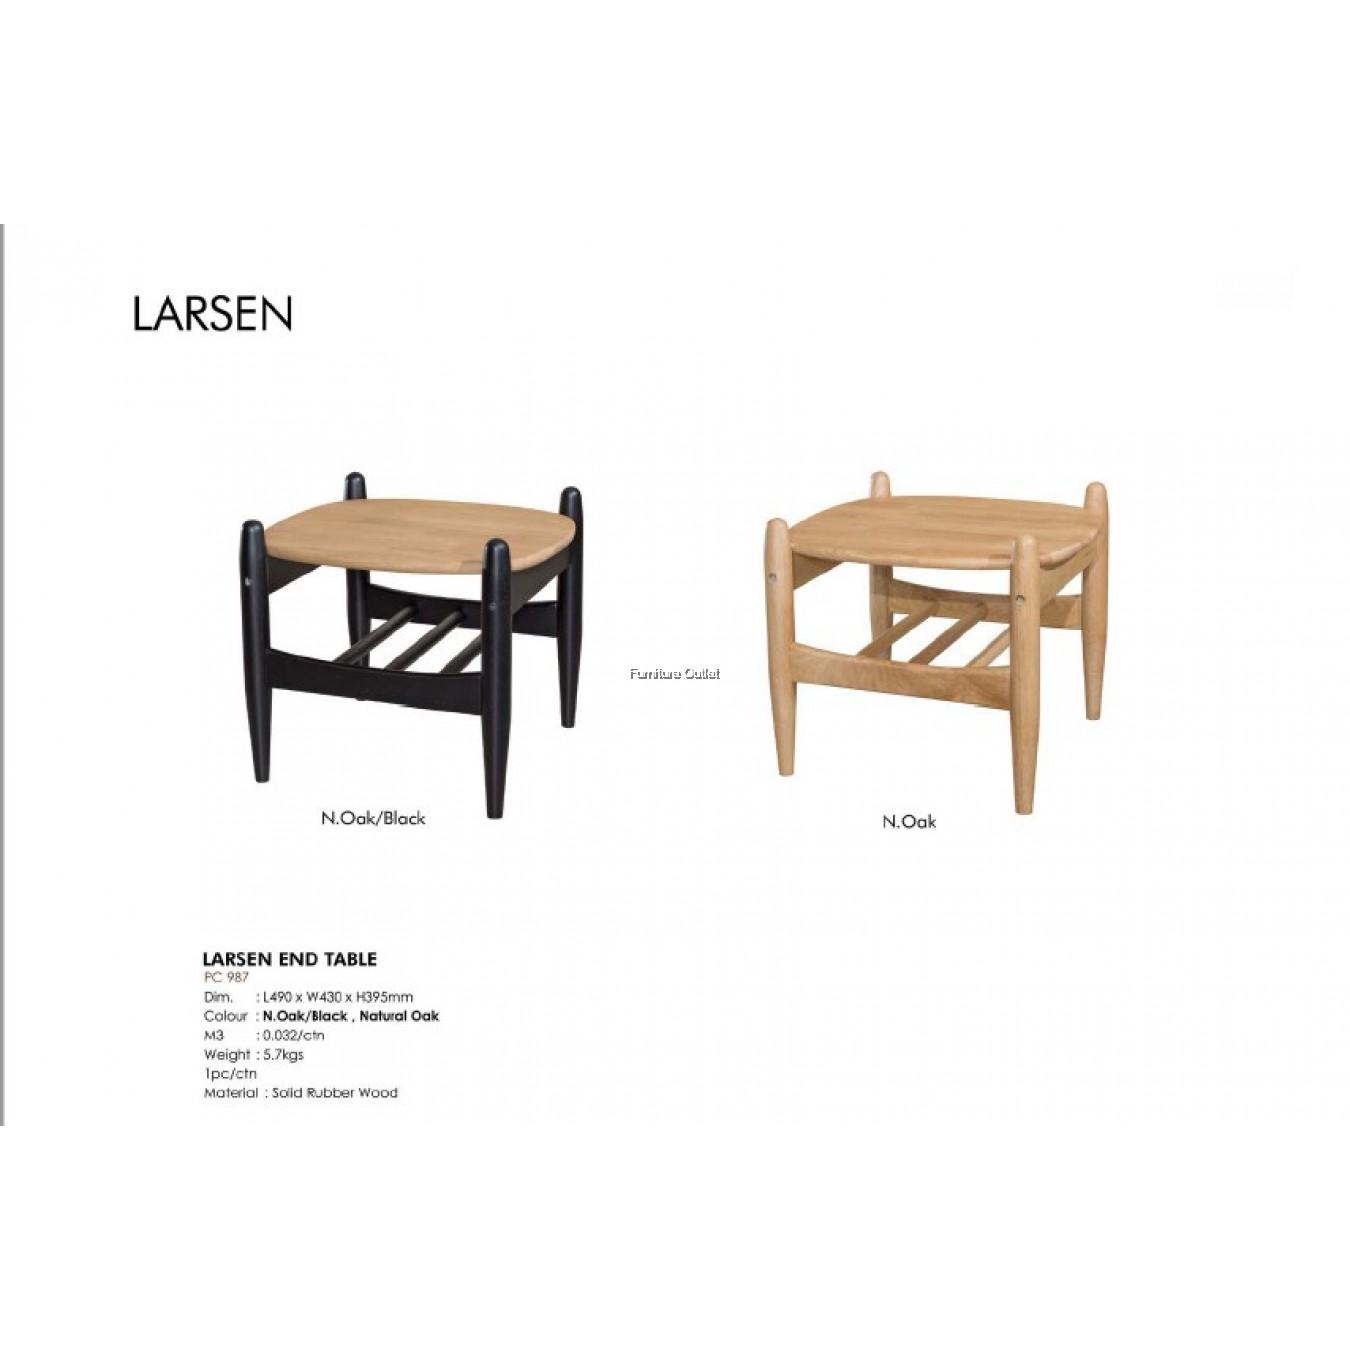 LARSEN END TABLE - NATURAL OAK & NATURAL OAK / BLACK